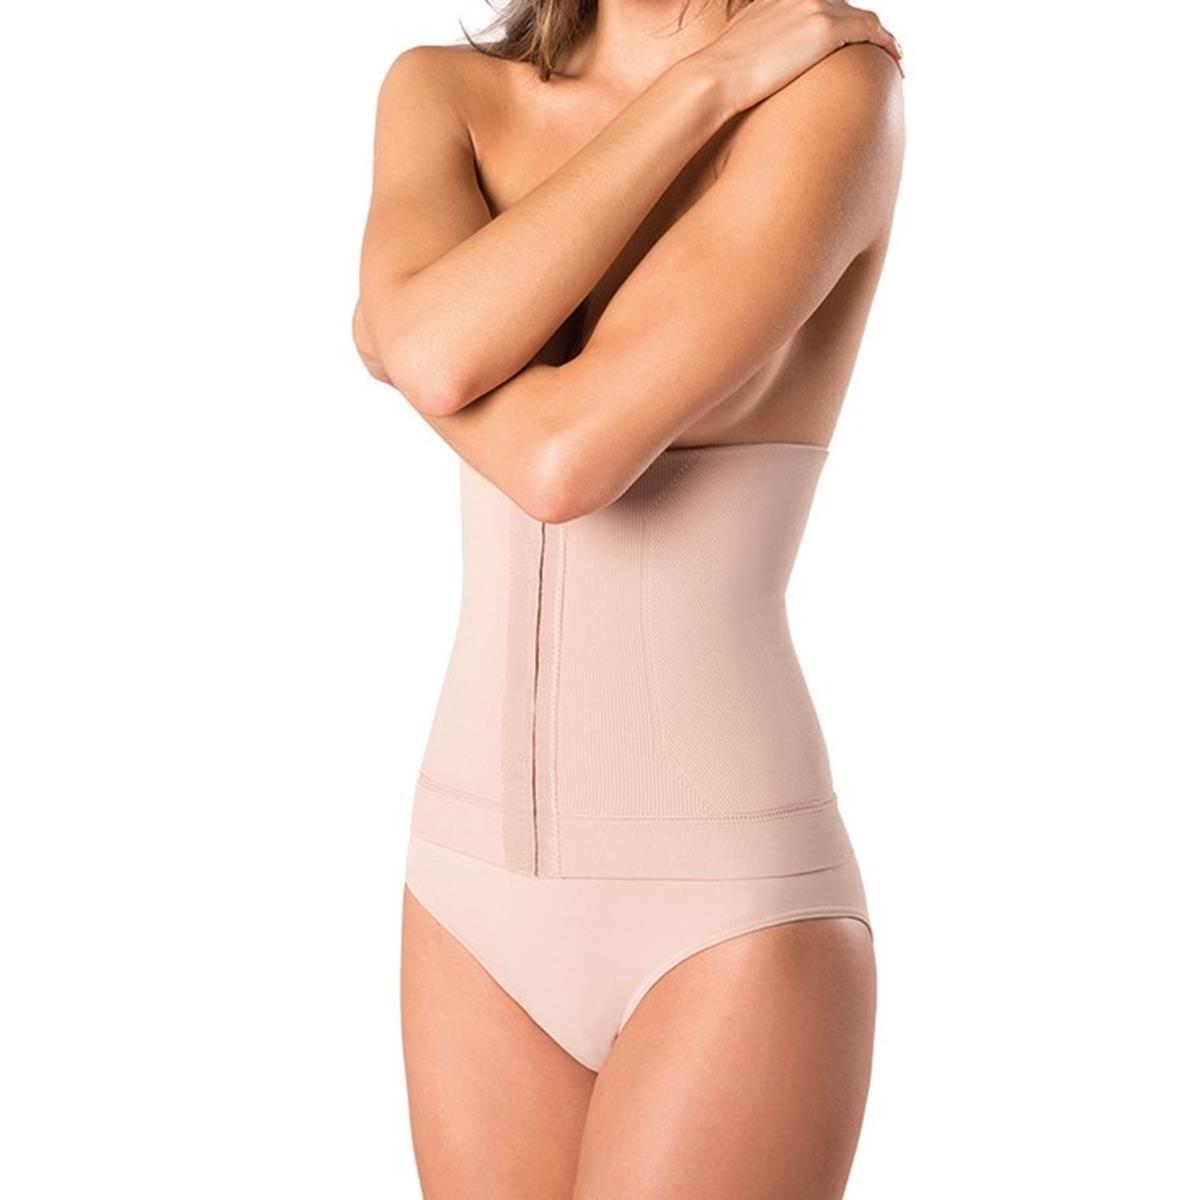 b2d00c1b5 Kit com Cinta Loba Slim e Calcinha Loba Redutora Nude Slim - Lupo R  84